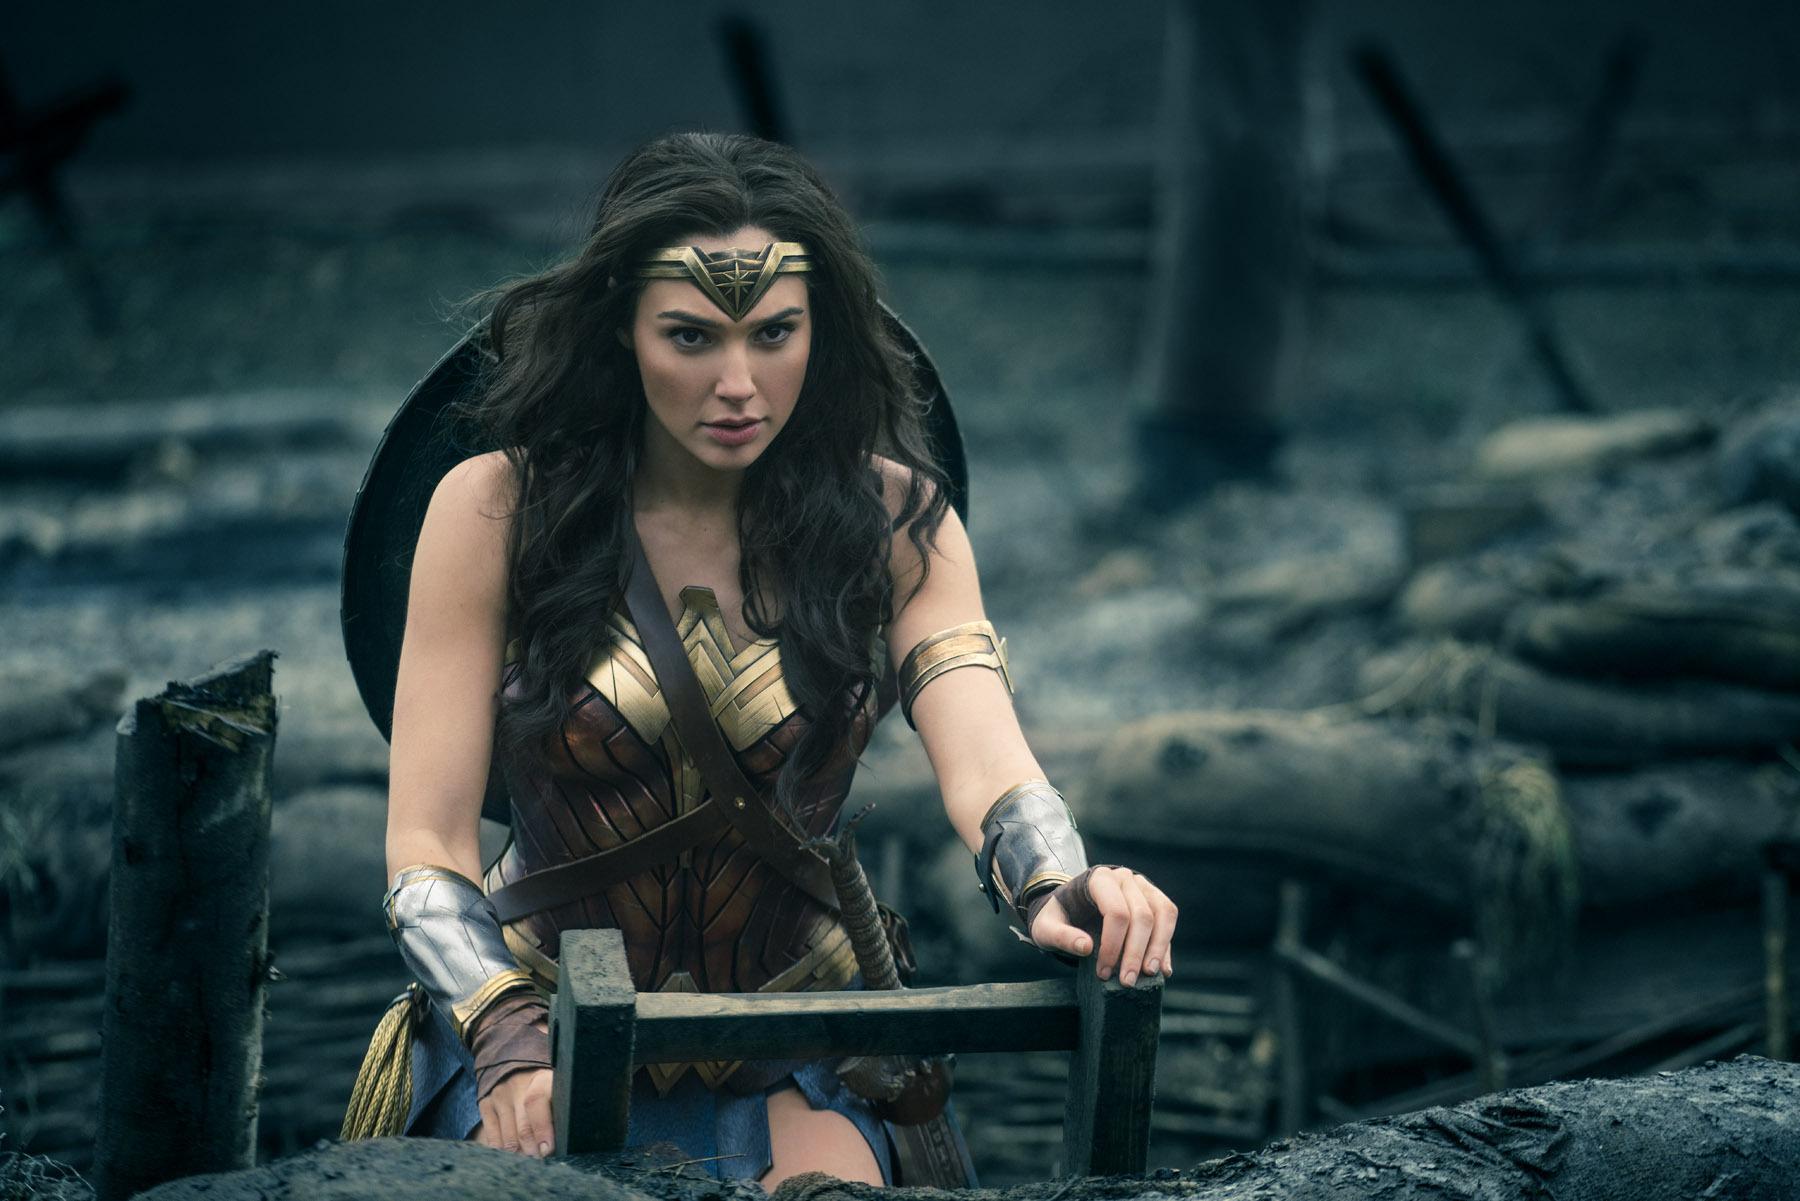 Gal Gadot as Wonder Woman (2017)